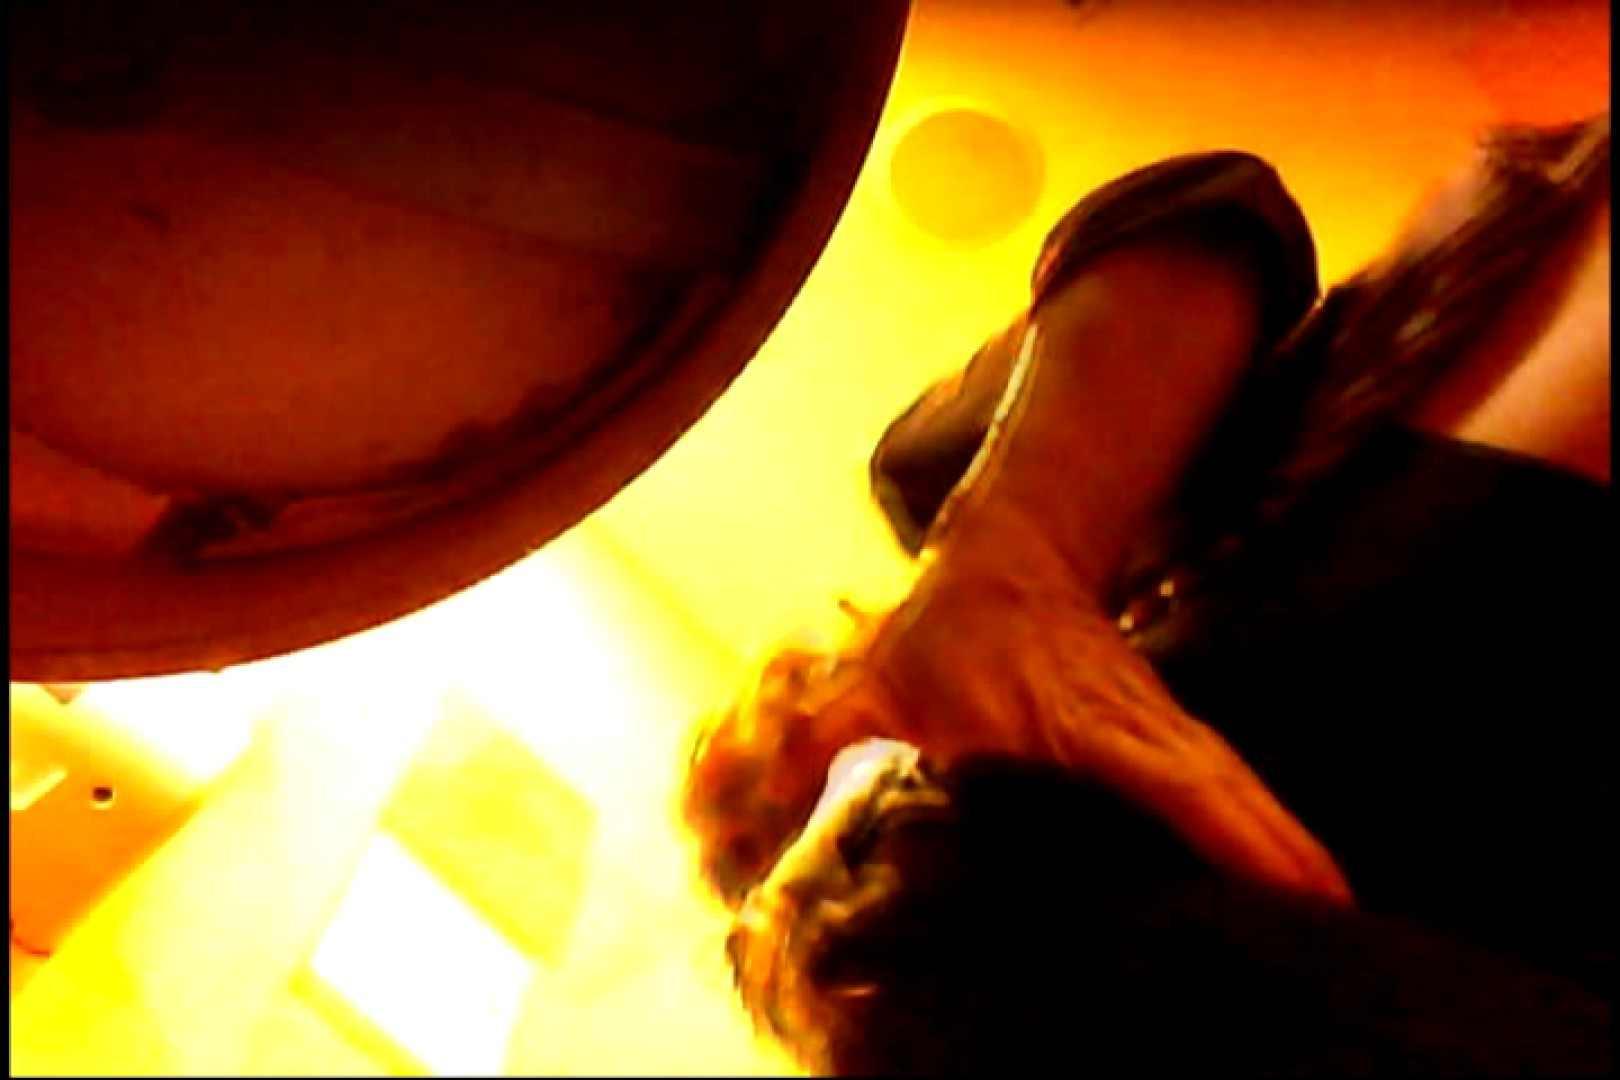 マダムが集まるデパートお手洗い Vol.12 OLのボディ オマンコ動画キャプチャ 86PIX 11